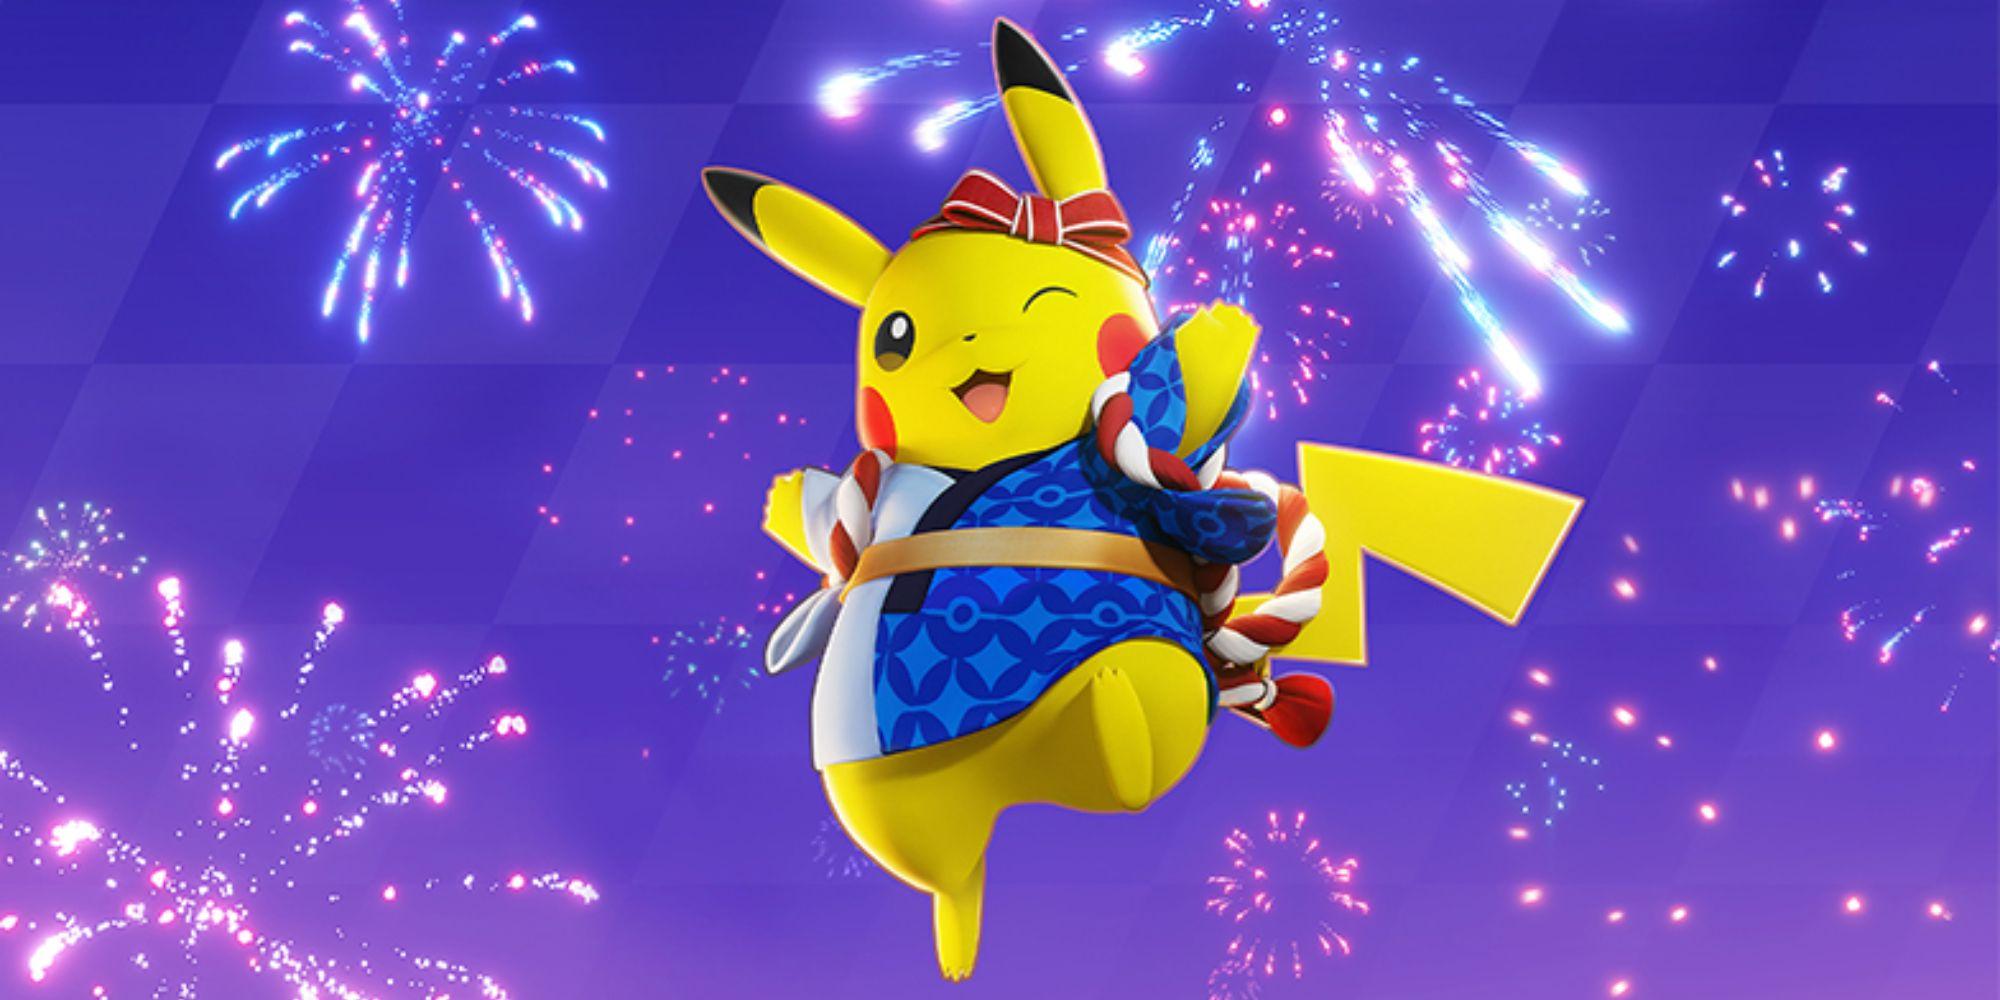 Pokemon Unite récompensera les joueurs avec des billets gratuits pour le festival Pikachu Holowear et Aeos